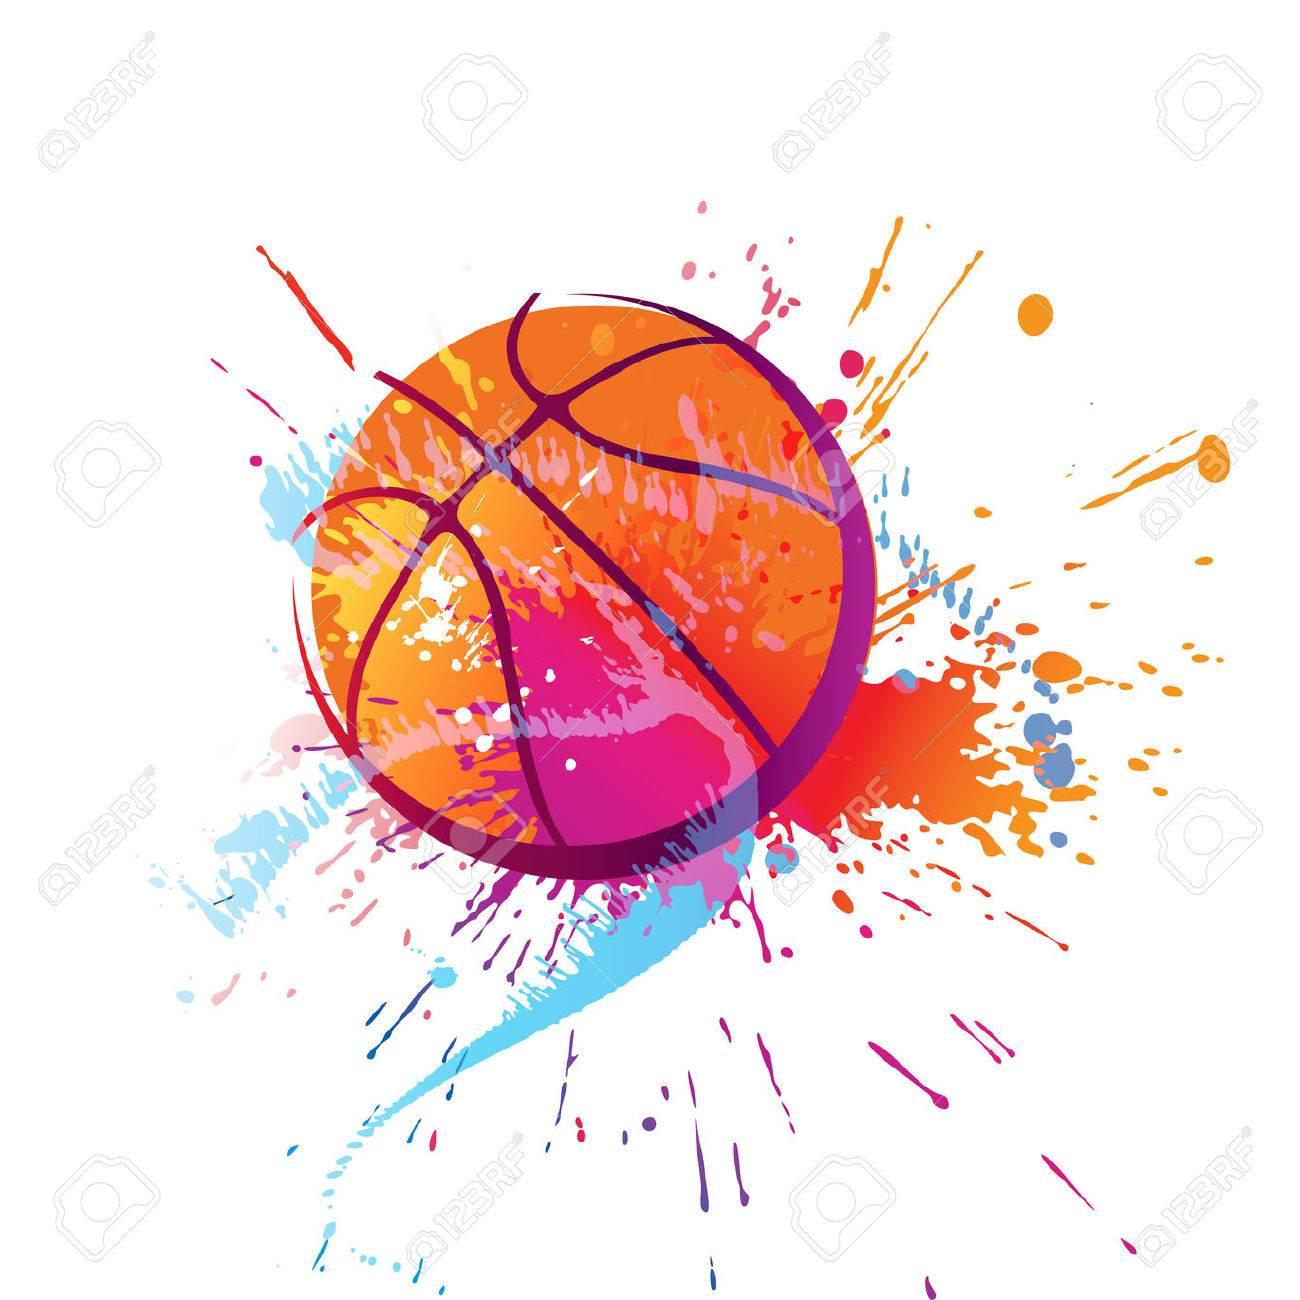 カラフルなバスケット ボールのスポットと白い背景の上にスプレー ベクトル イラスト のイラスト素材 ベクタ Image